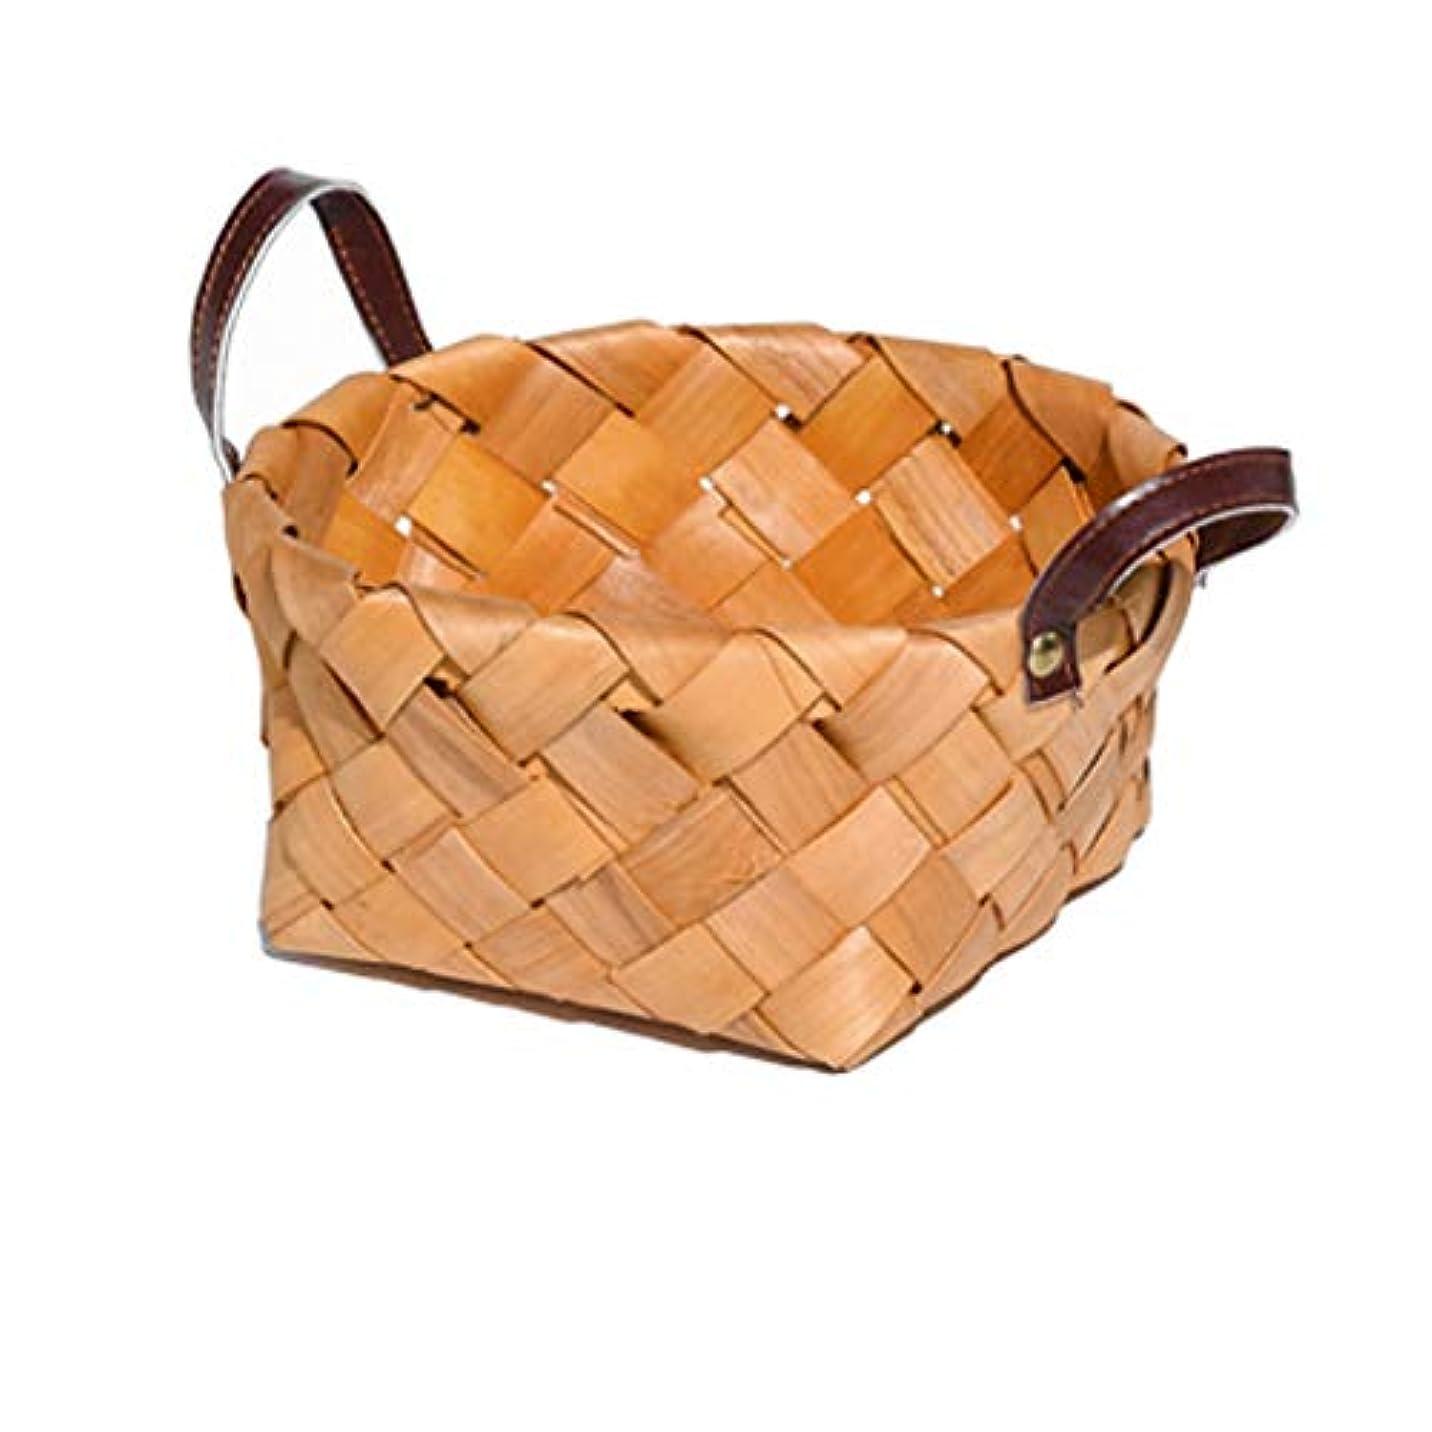 生産性蜜多様なSMMRB 手作りの木材チップ製織貯蔵バスケットの果物のピクニックバスケット台所の破片の収納バスケット革 (サイズ さいず : S 17×9CM)